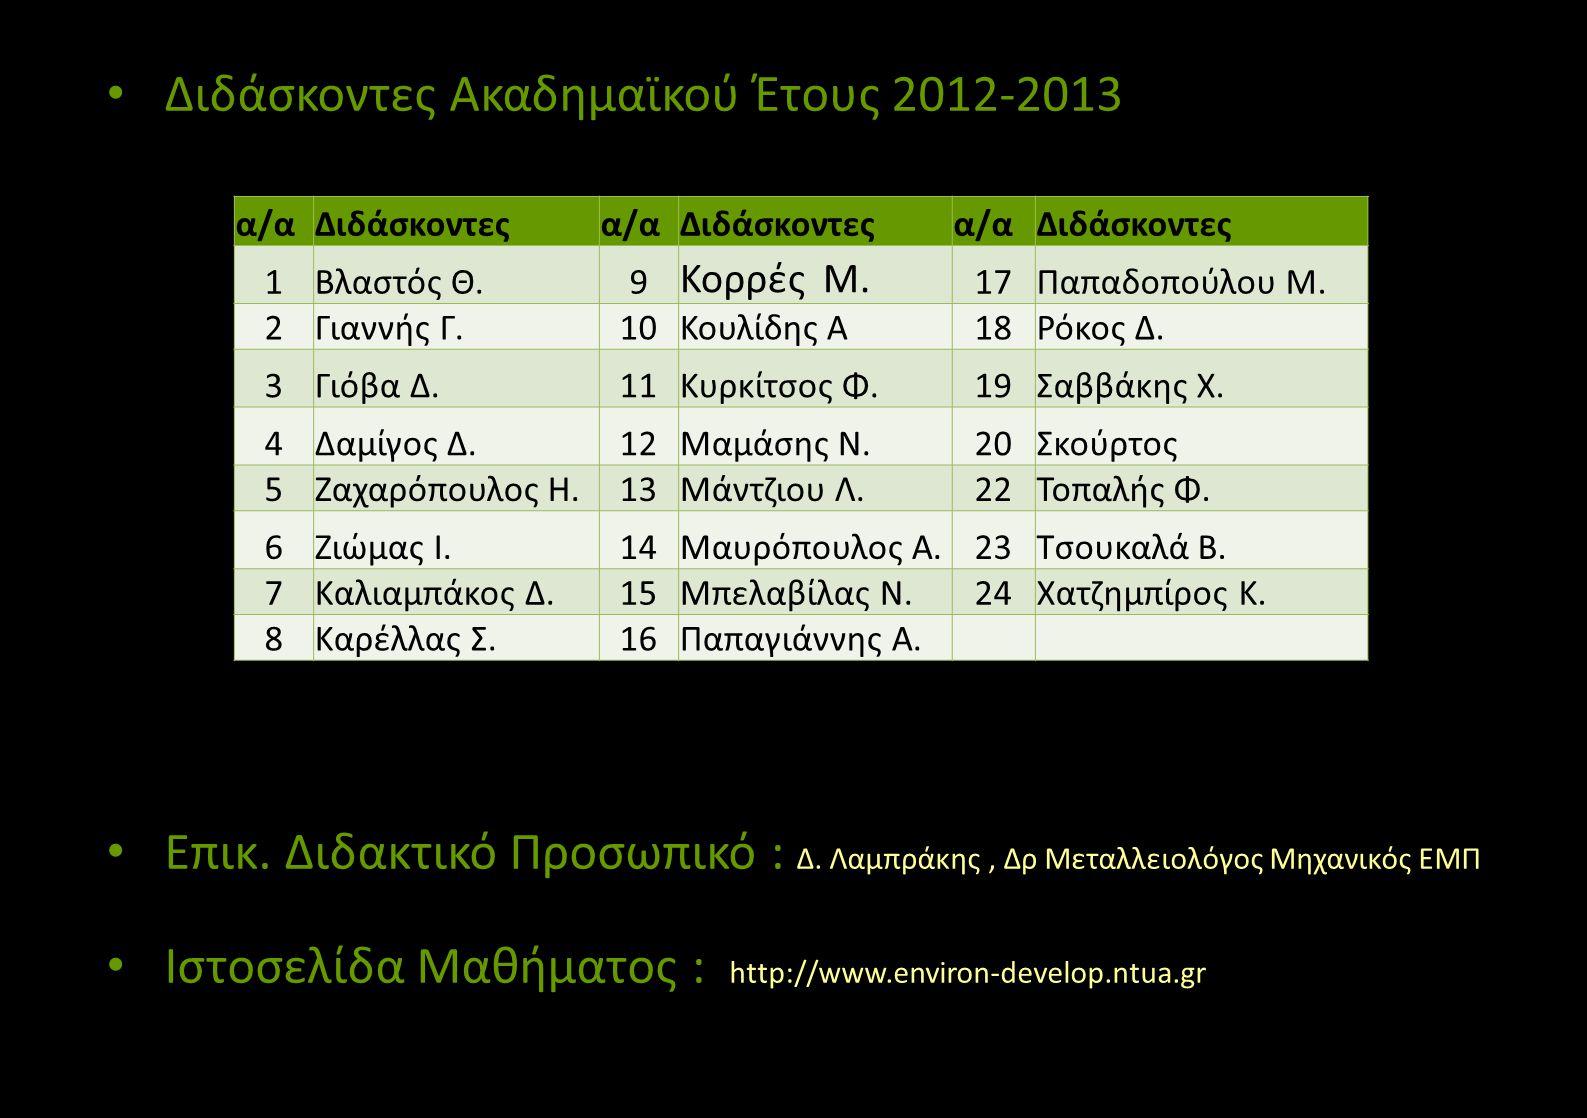 Διδάσκοντες Ακαδημαϊκού Έτους 2012-2013